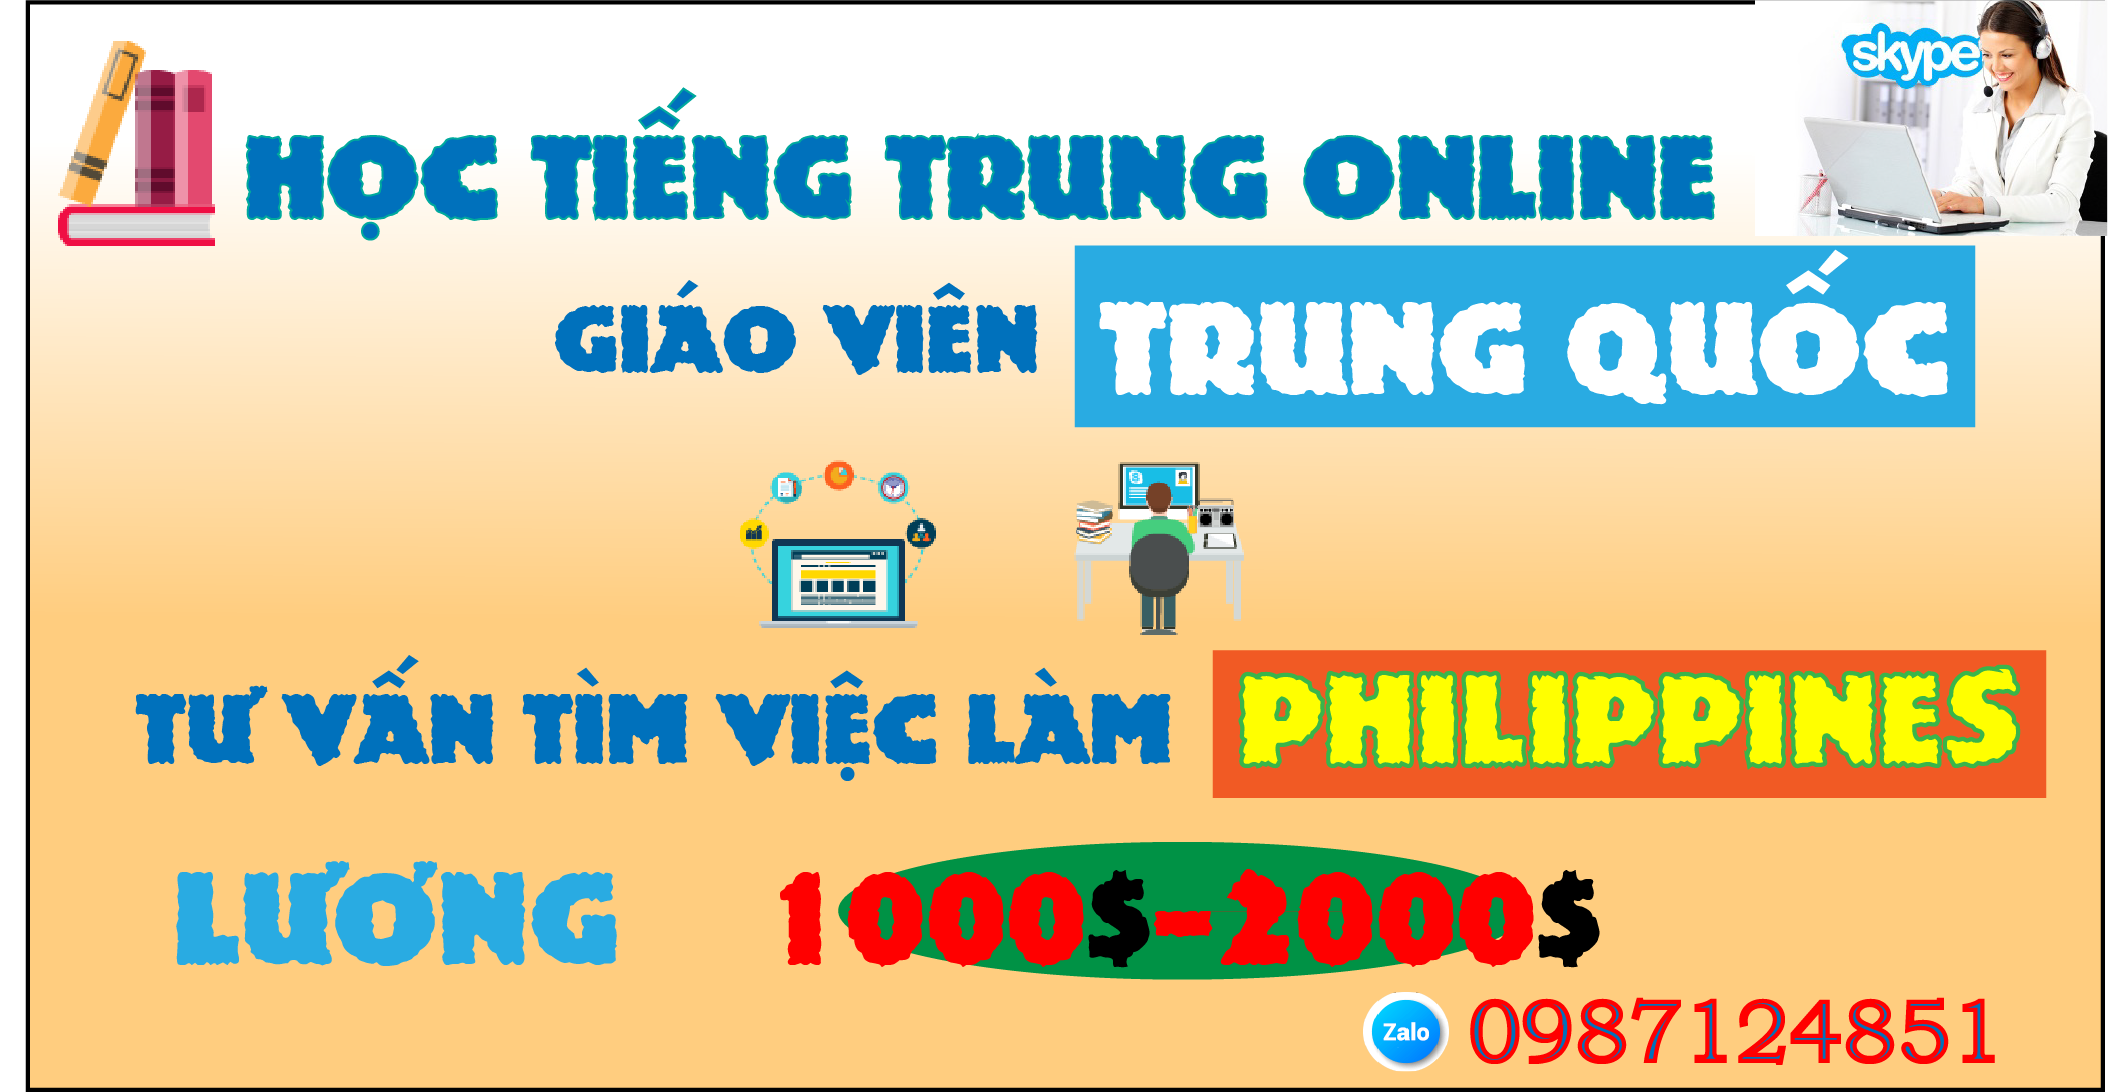 Khóa học tiếng Trung online